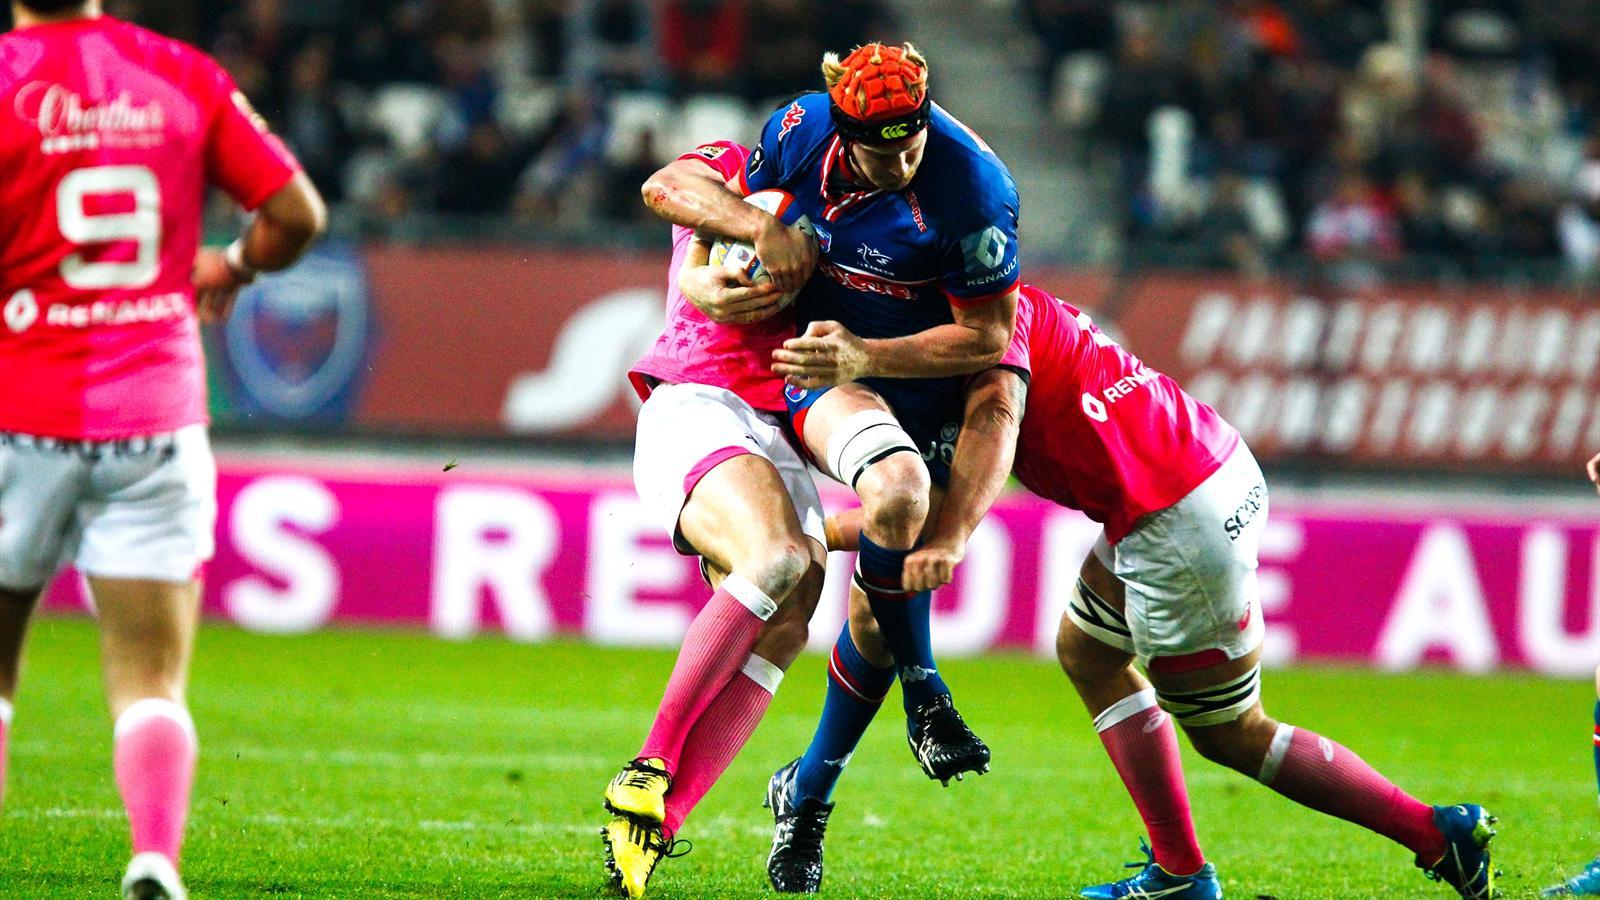 Peter Kimlin (Grenoble) tente de franchir face au Stade français)